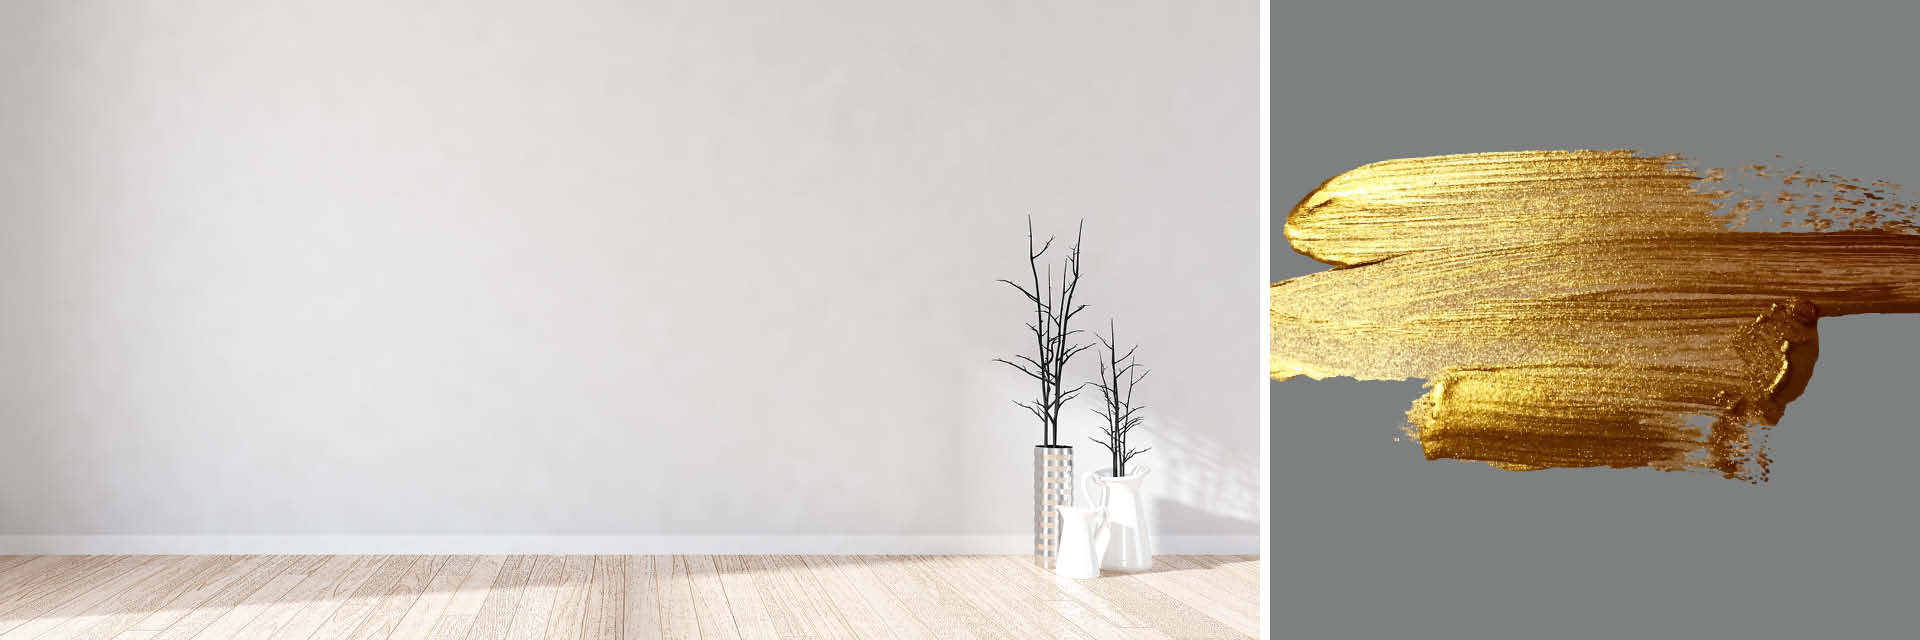 Sie stehen in einer leeren Wohnung, die neu eingerichtet und gestrichen werden soll – der Einrichtungs-Guide in 10 Schritten wird dabei helfen.